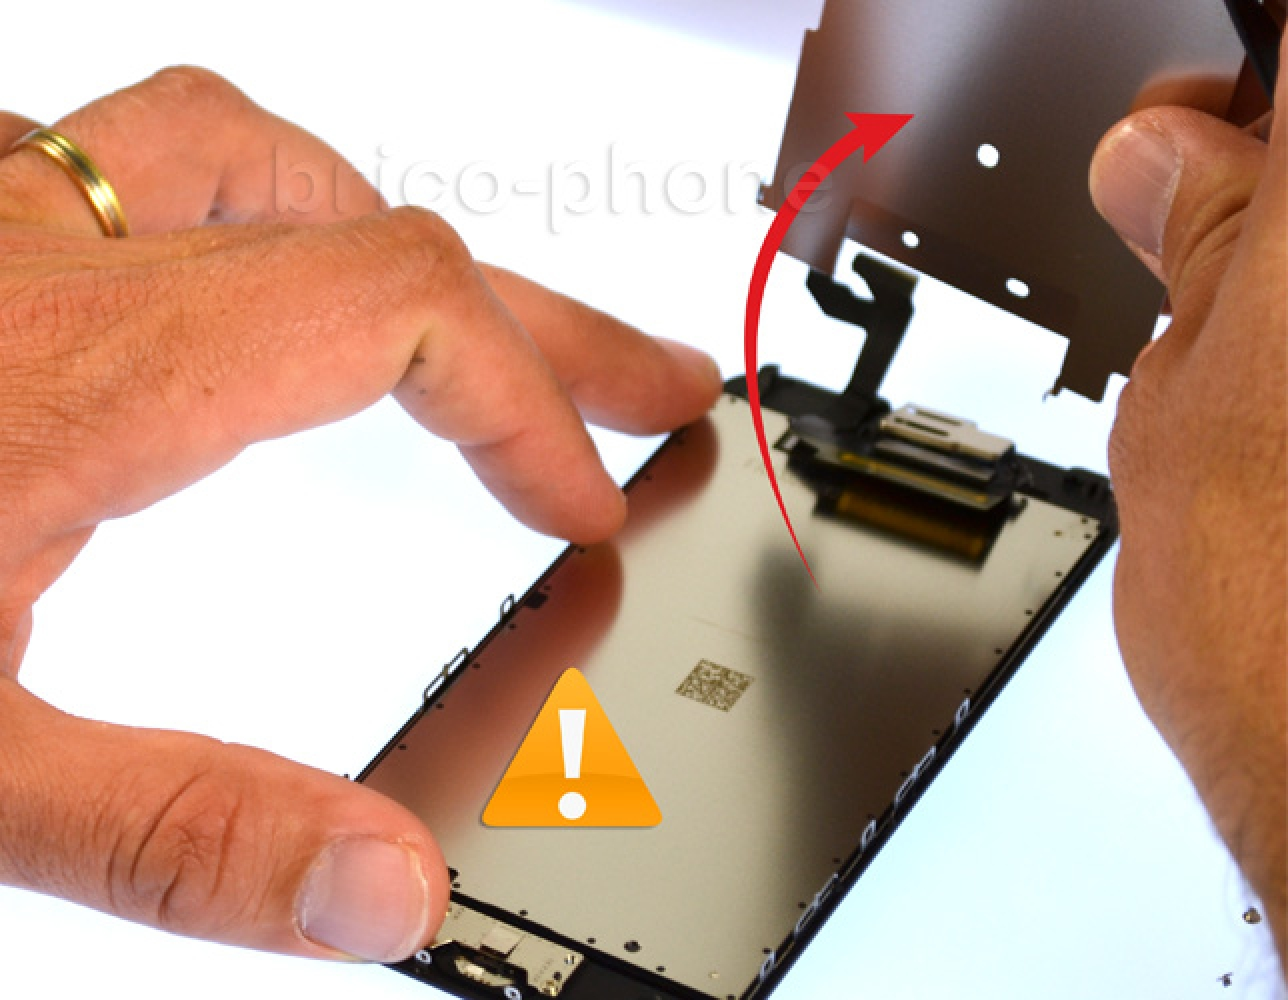 Etape 8 : Récupérer la plaquette métallique du LCD